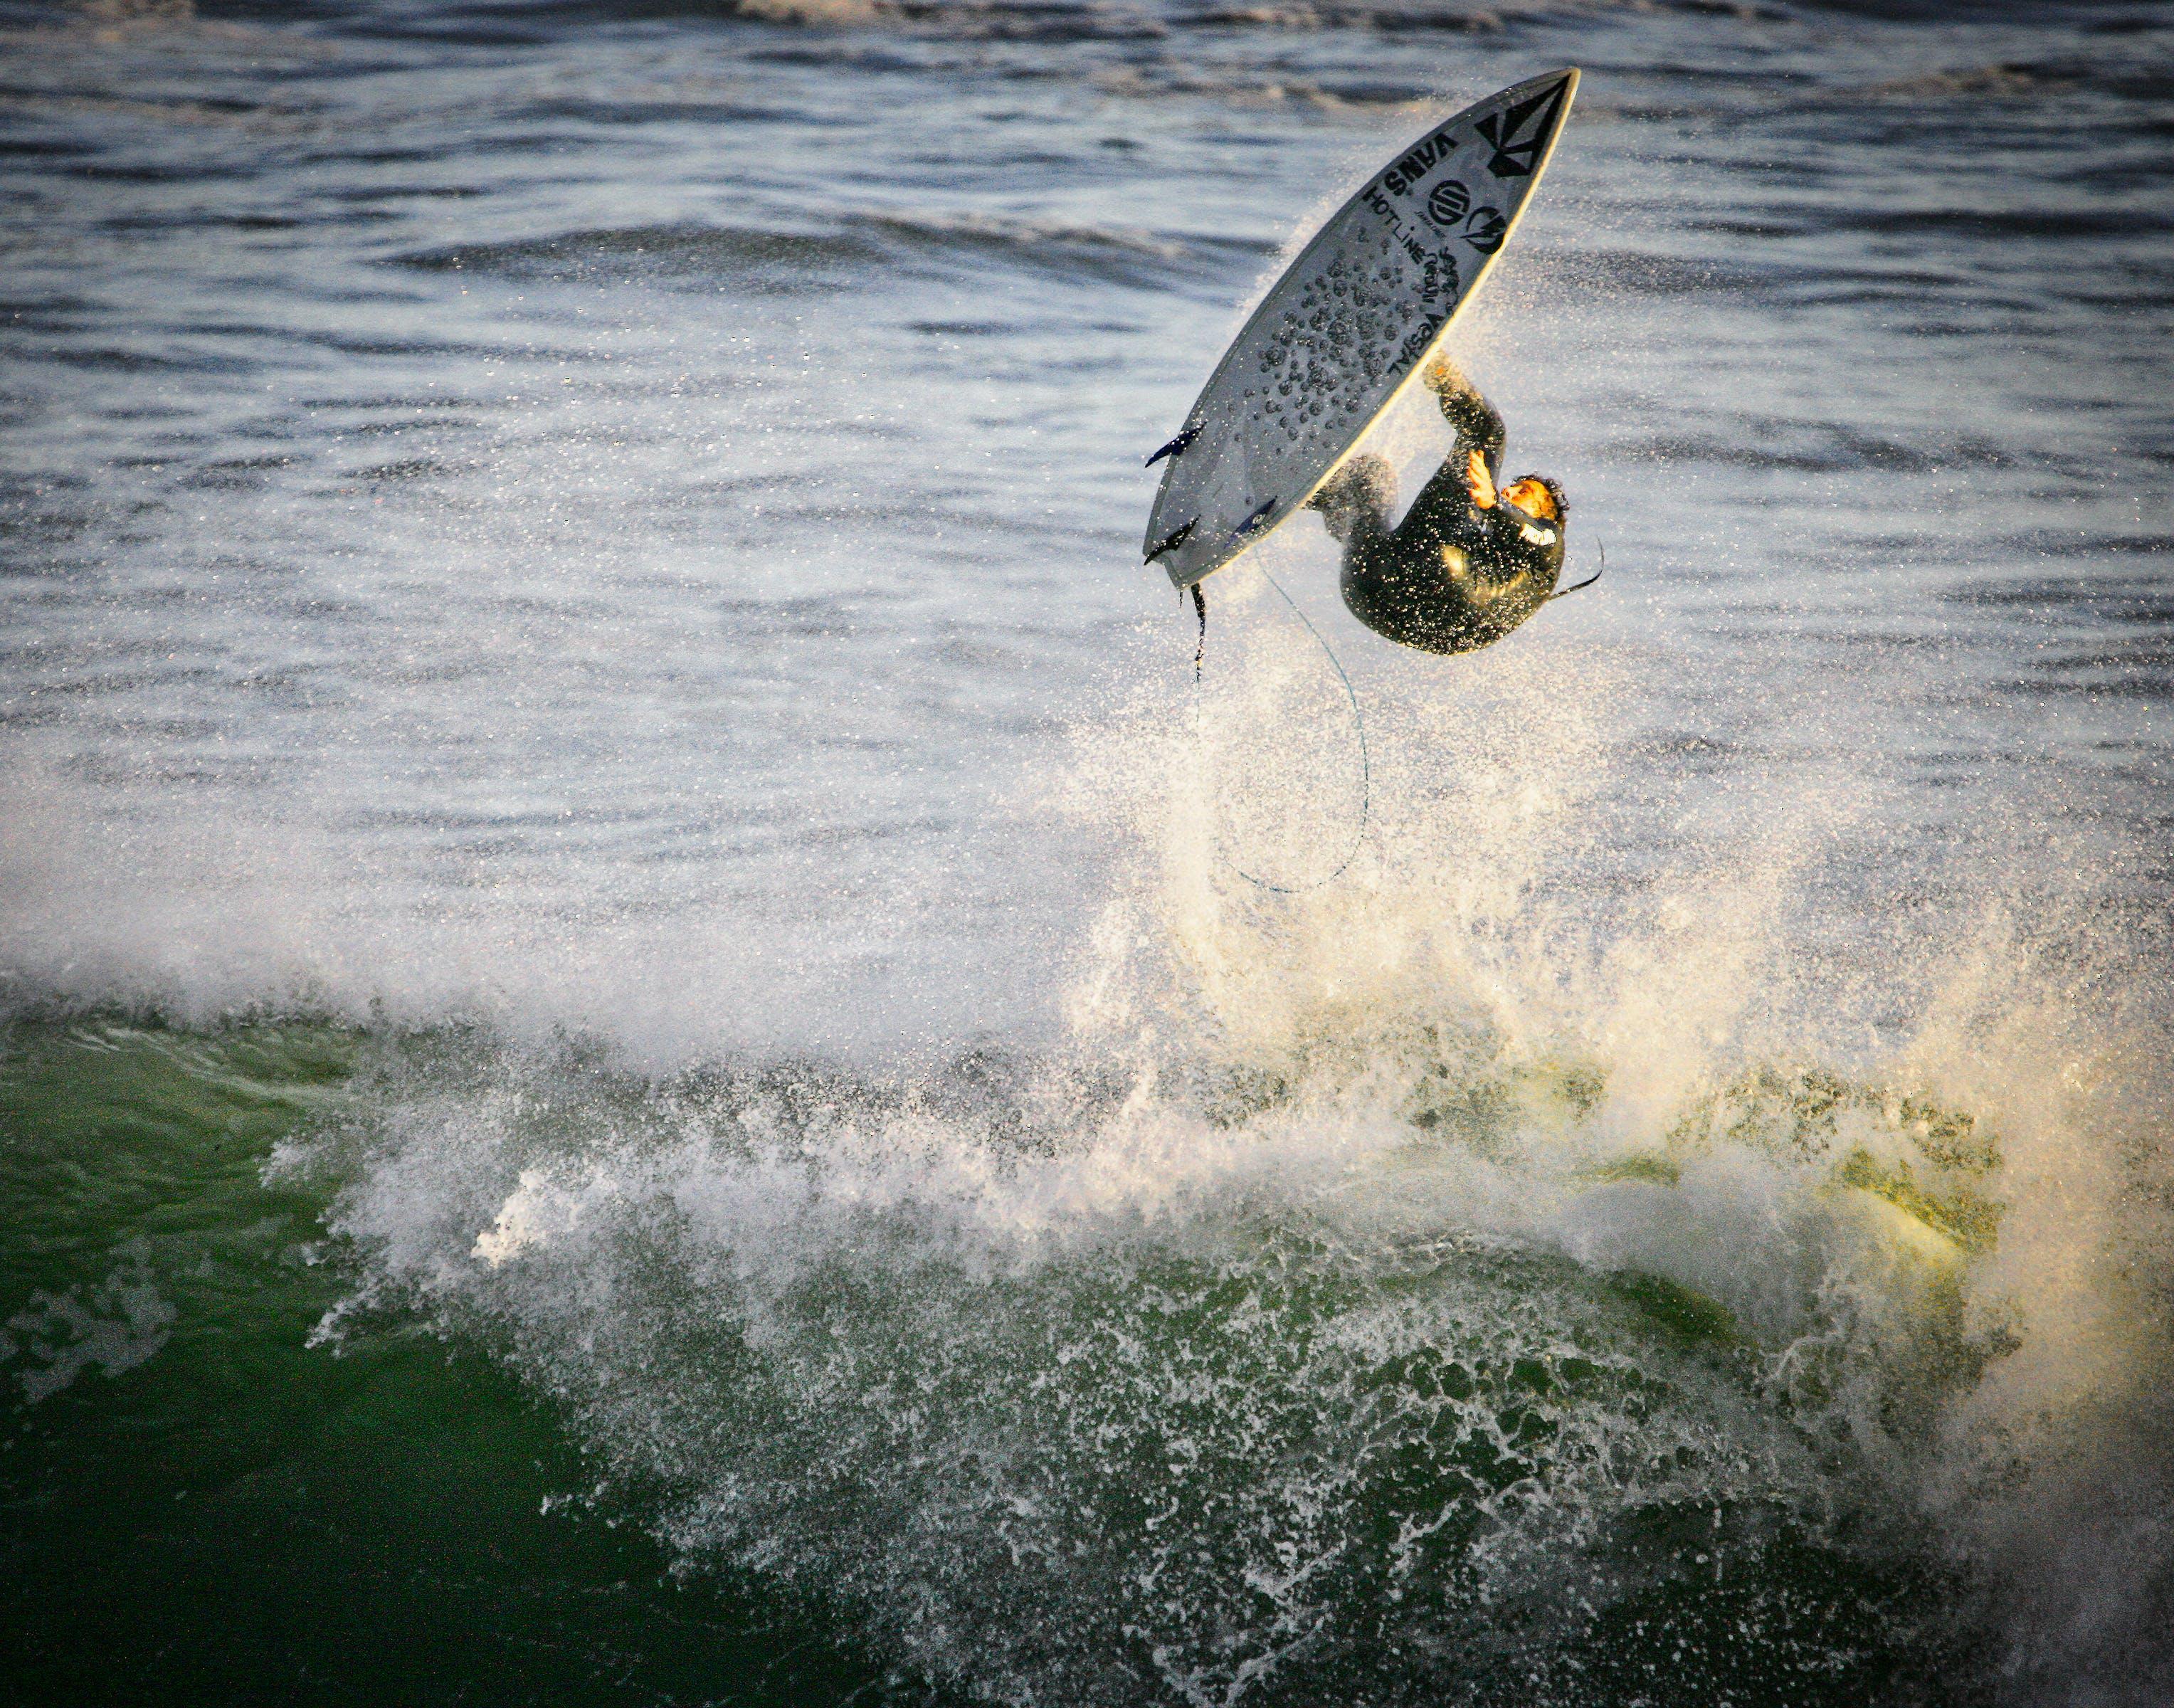 Kostenloses Stock Foto zu dampfer-lane, santa cruz, surf luft, surfer